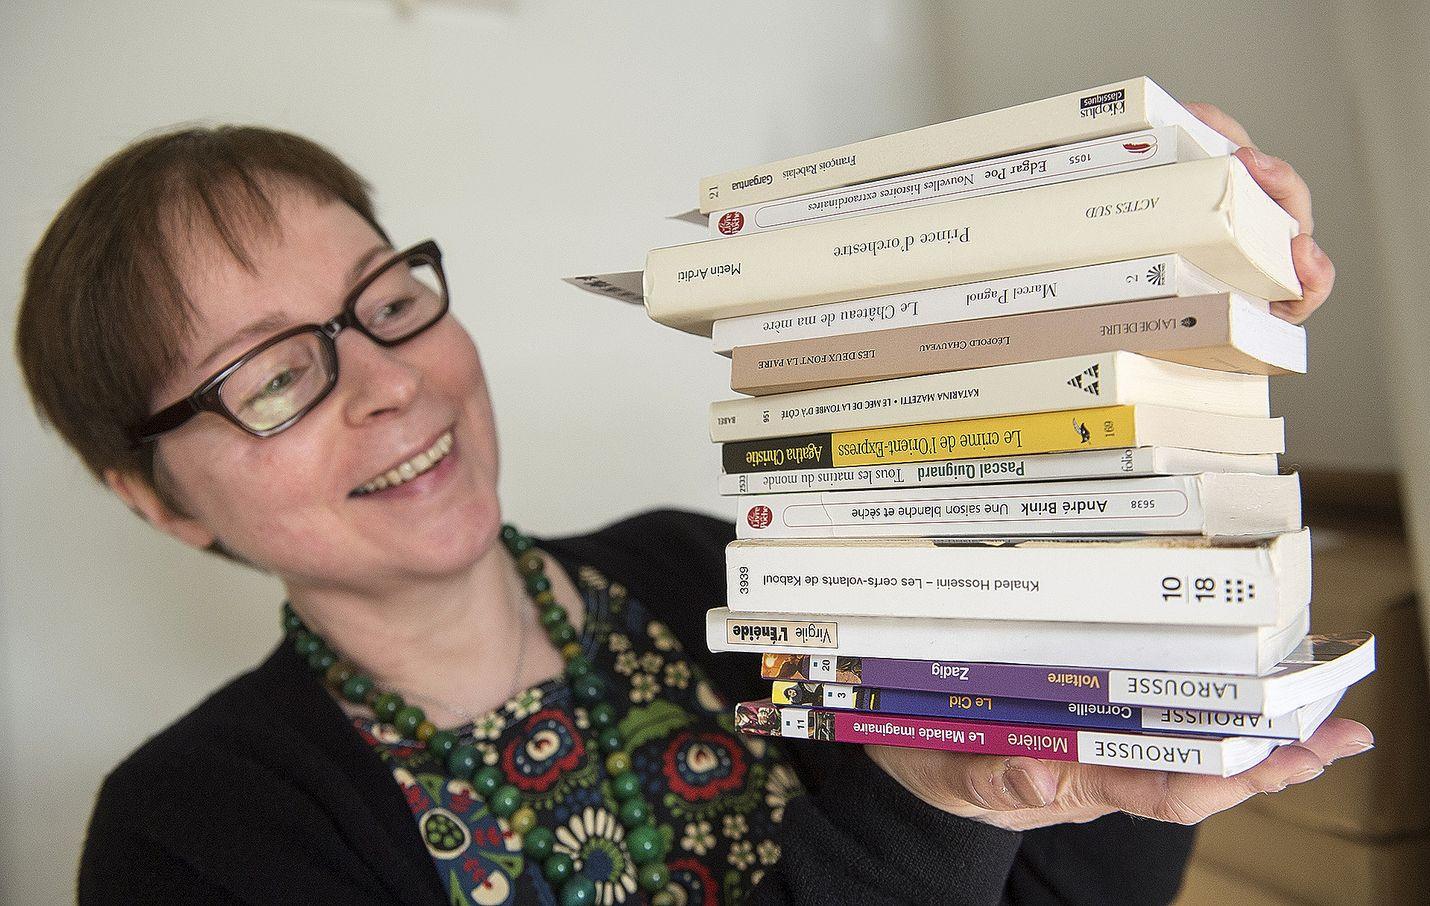 Osastonhoitaja Maisa Hyytinen esittelee ranskankielisten kirjojen pinoa. Nämäkin kirjat ovat tulleet Rauman kaupunginkirjastoon yksityisen henkilön lahjoituksena.